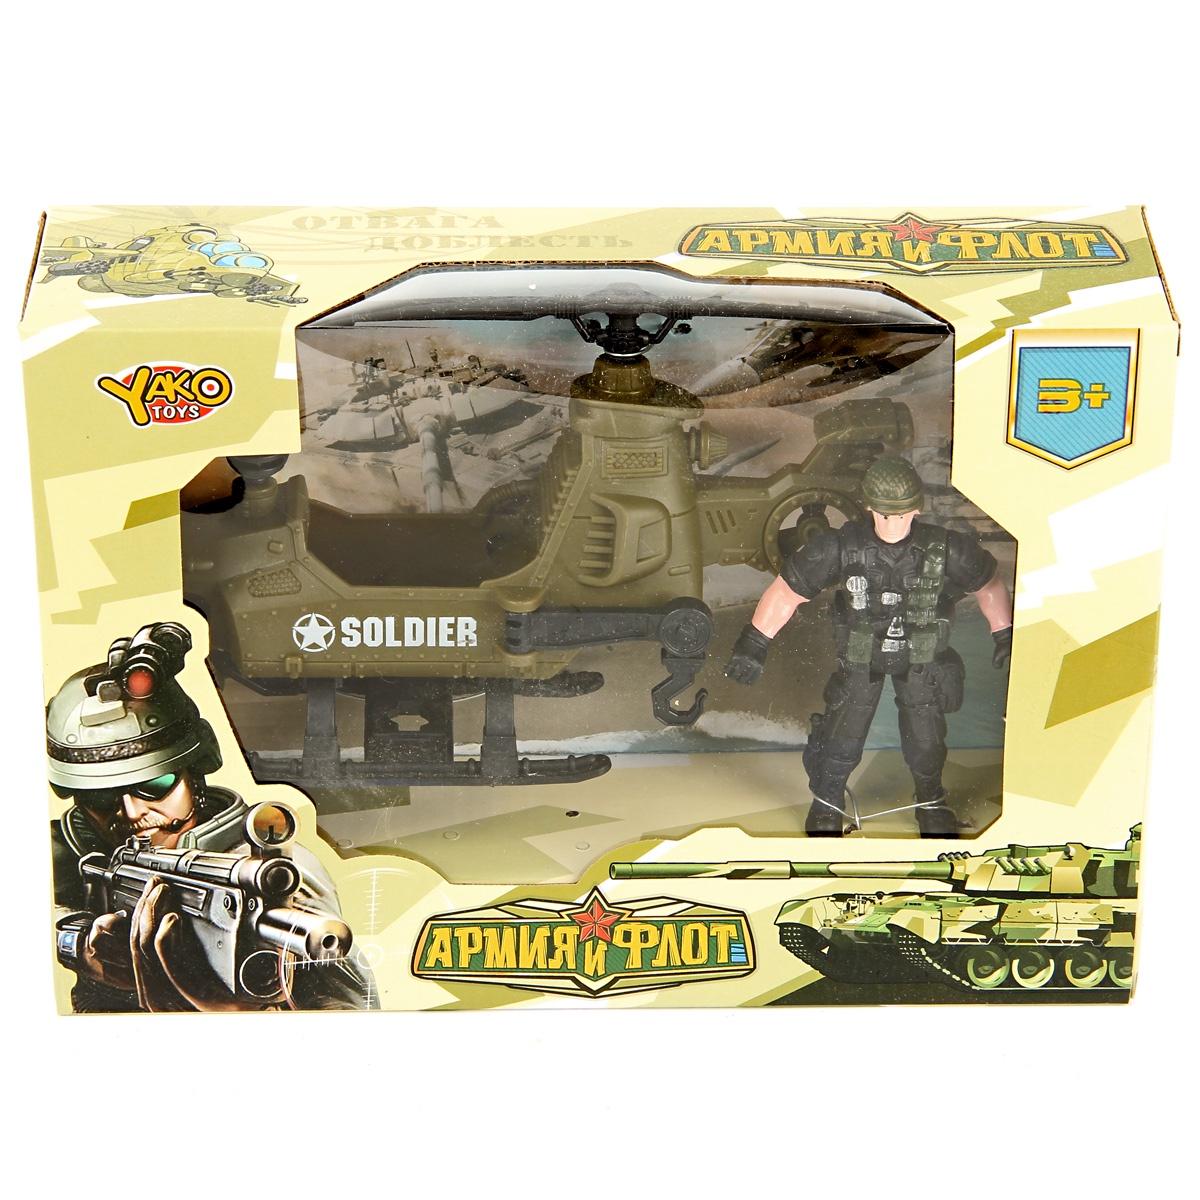 Сюжетно-ролевые игрушки Veld Co 61264 цена